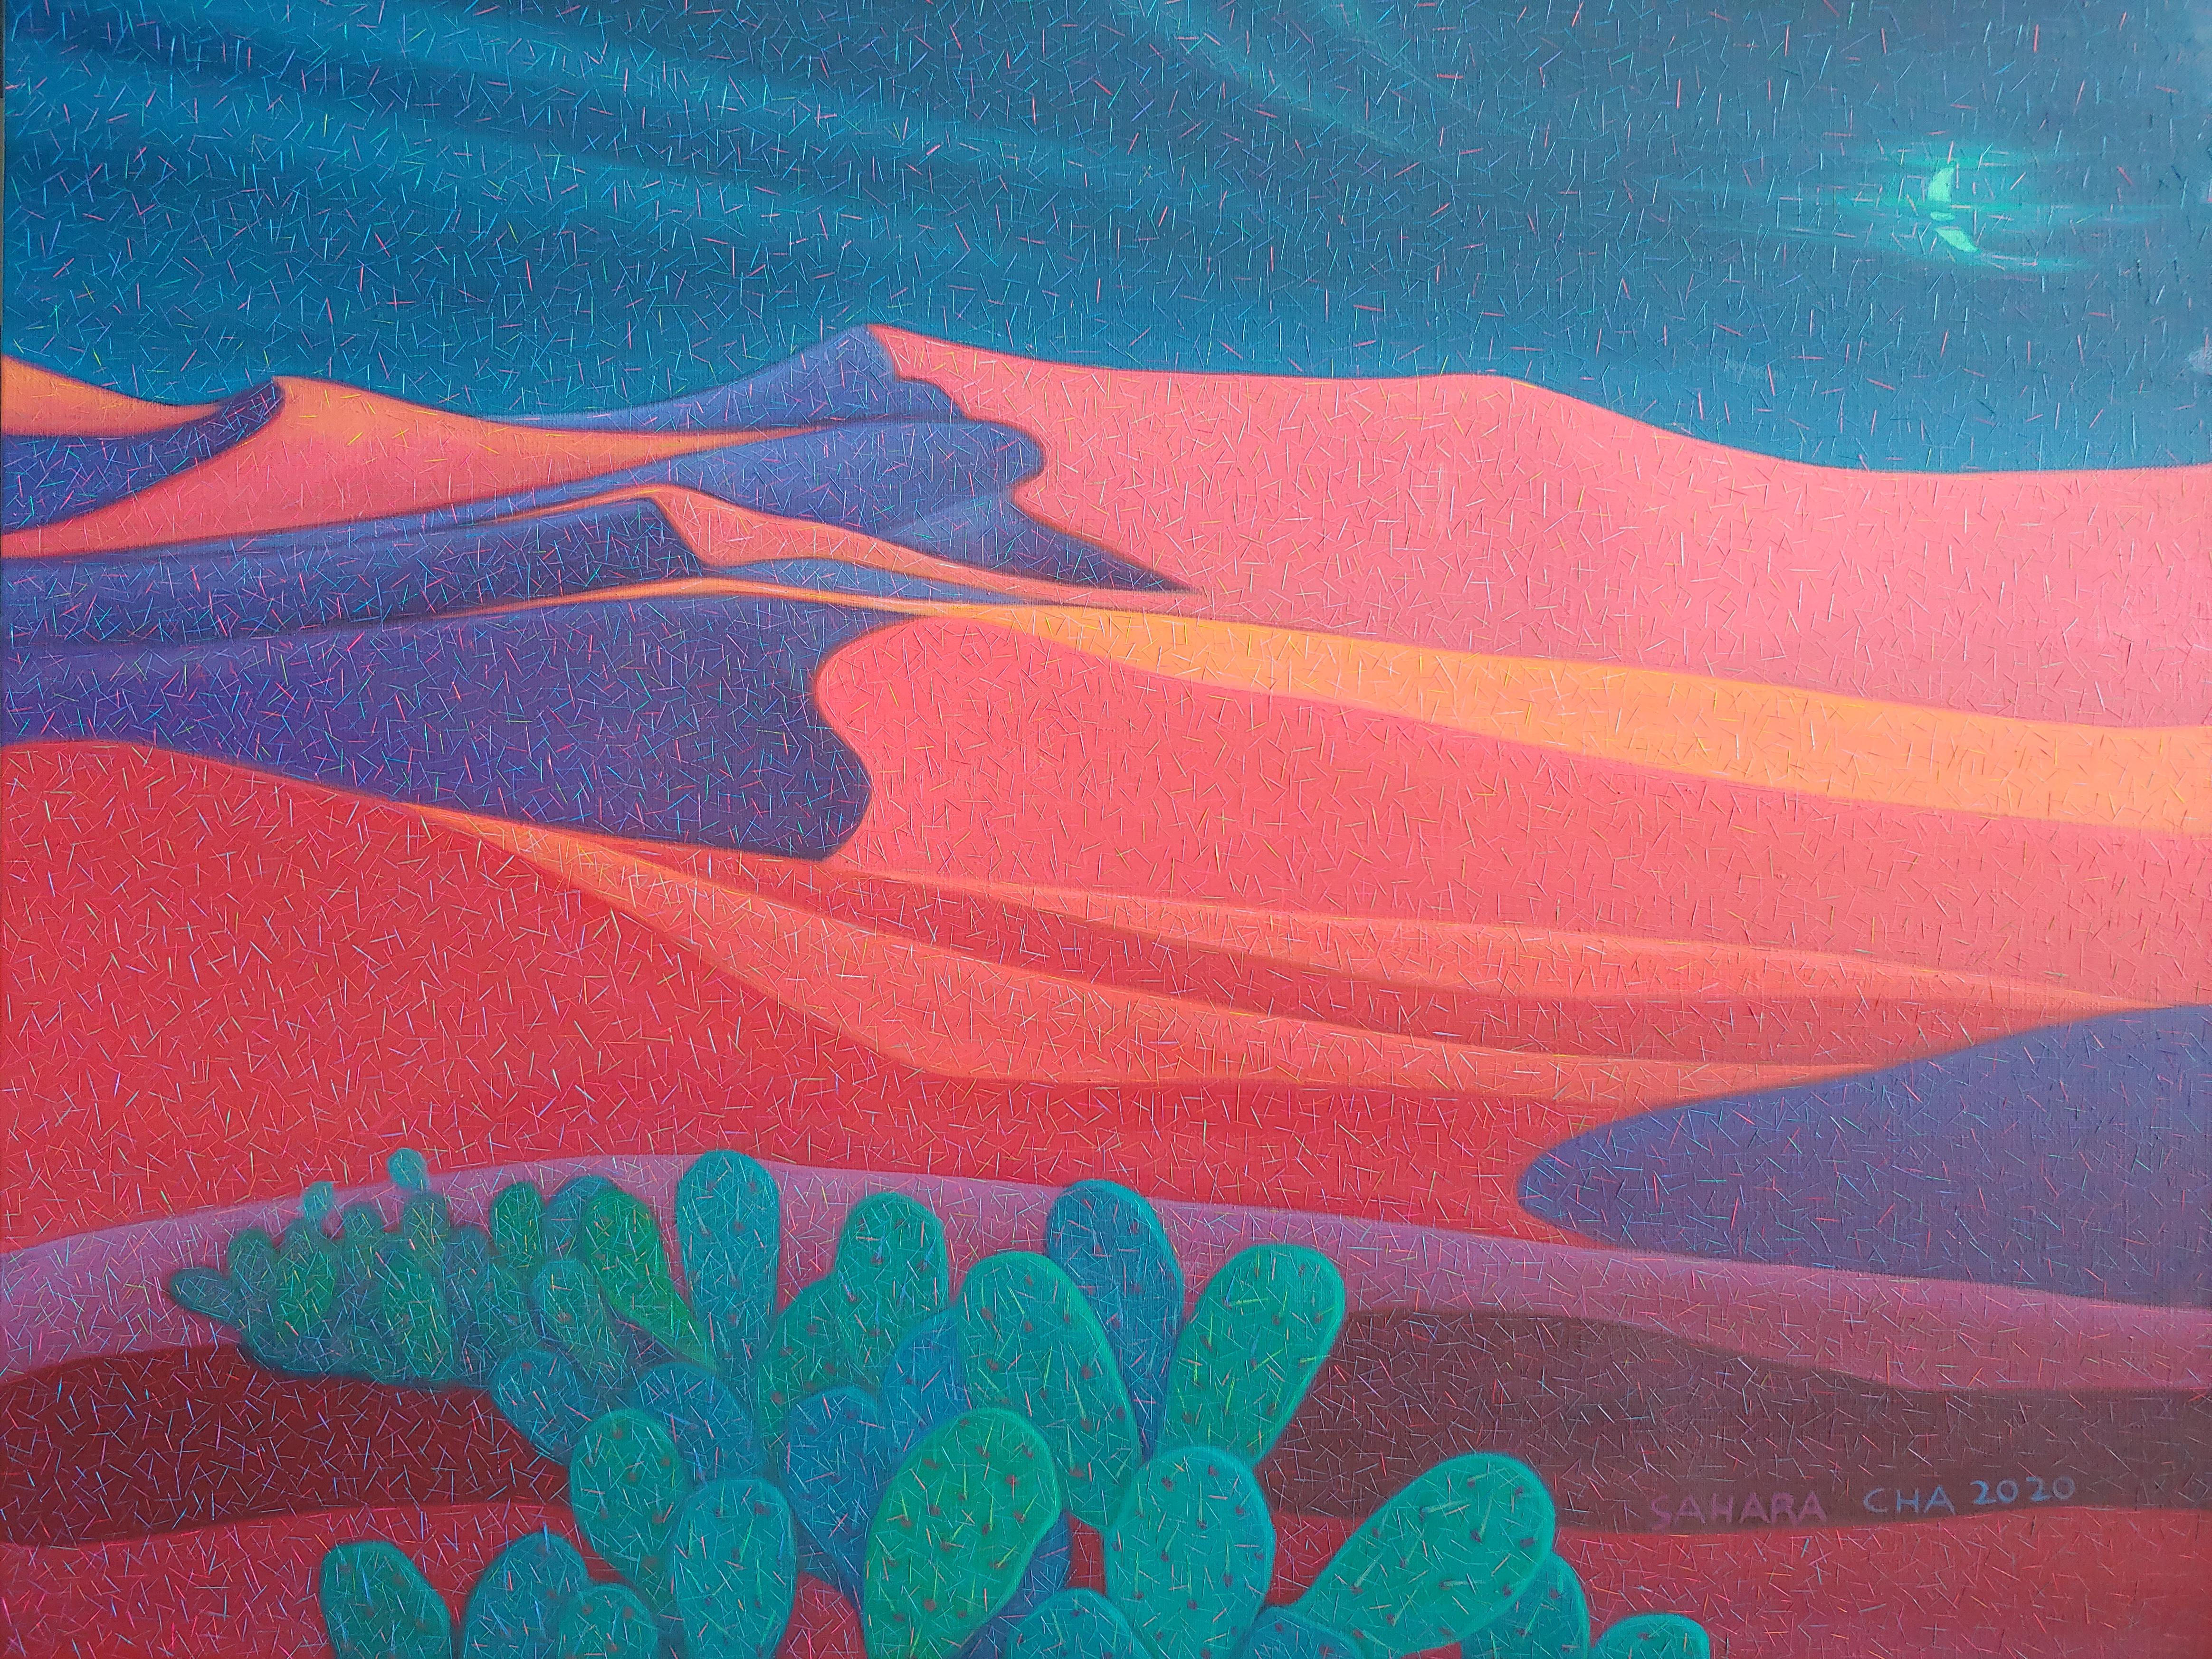 002, 차명주, 사하라의 달, 90.9 x 72